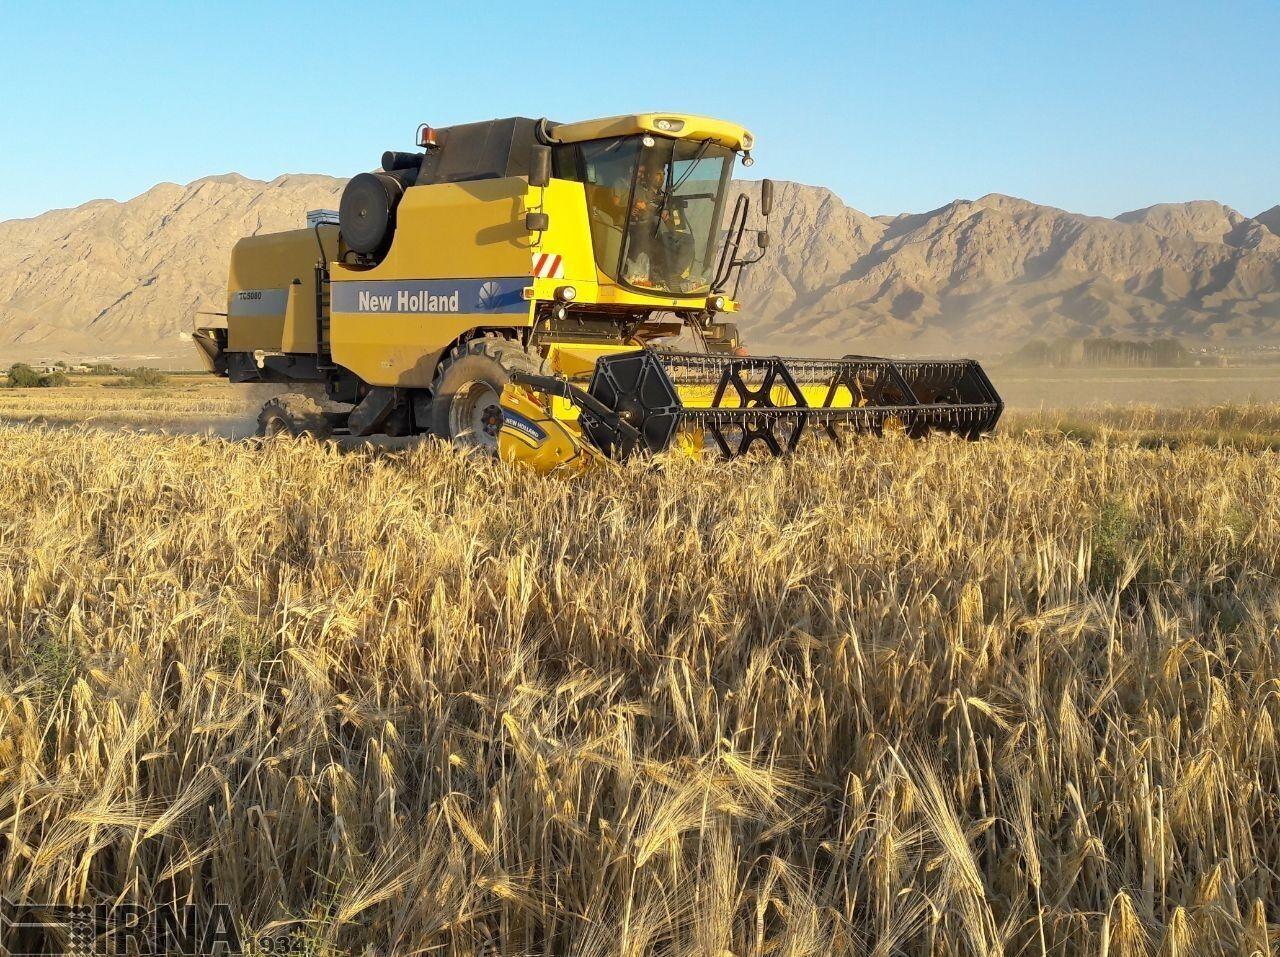 ۱۰۰ میلیارد تومان برای توسعه مکانیزاسیون کشاورزی لرستان اختصاص یافت